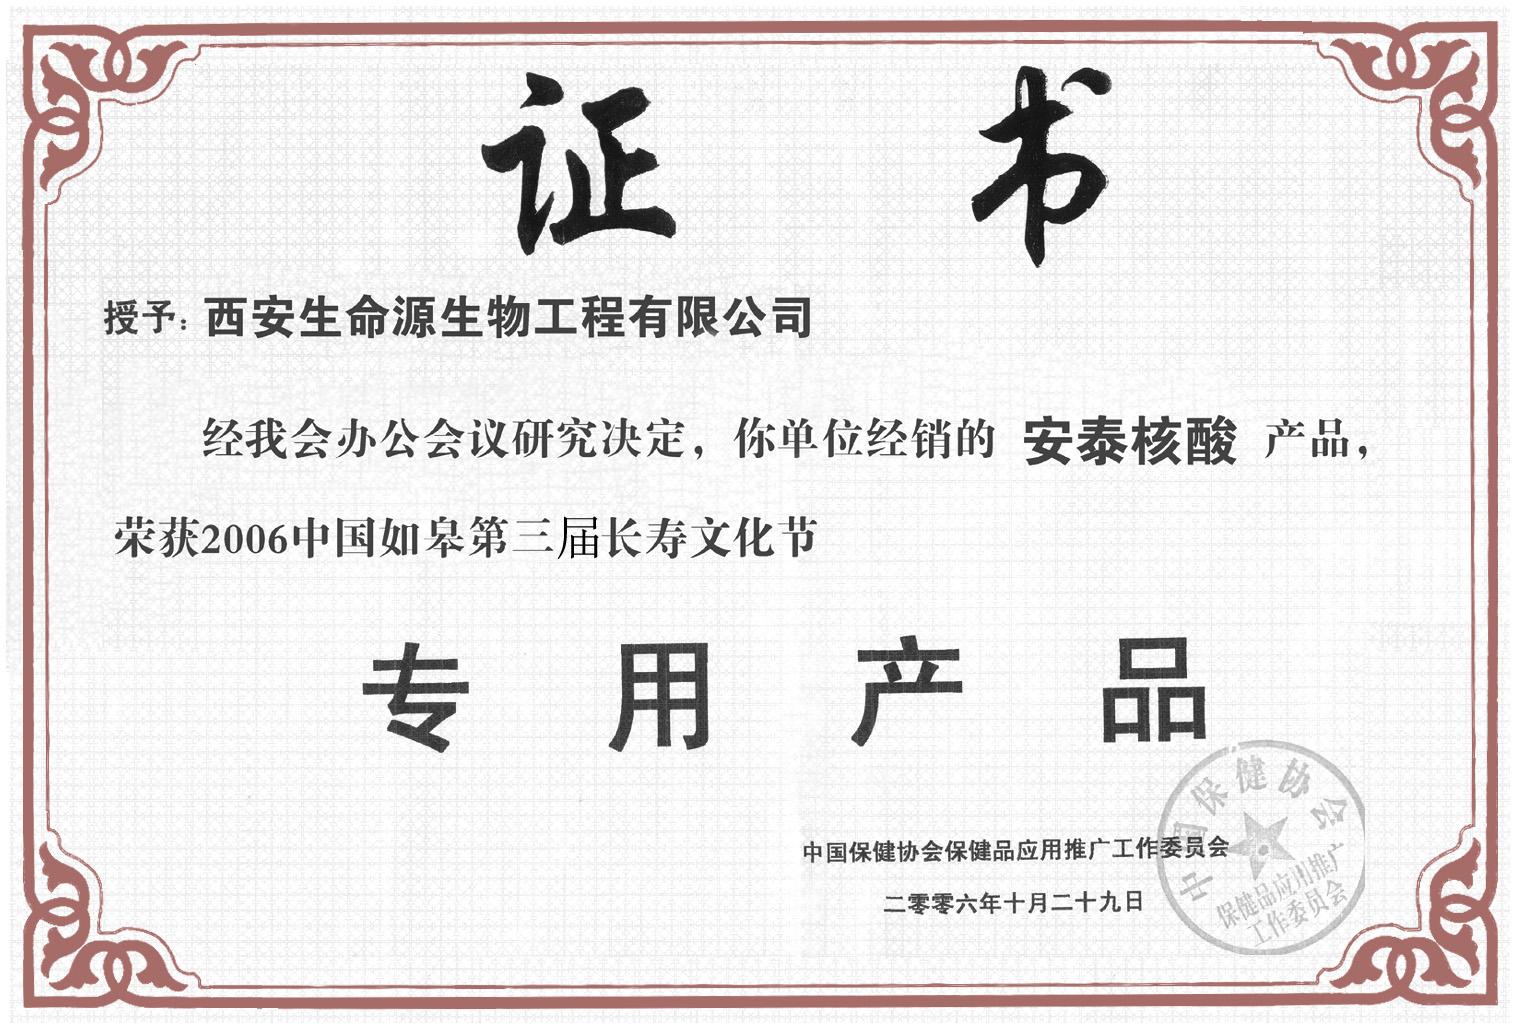 安泰產品榮獲2006中國如皋第三屆長壽文化節專用產品